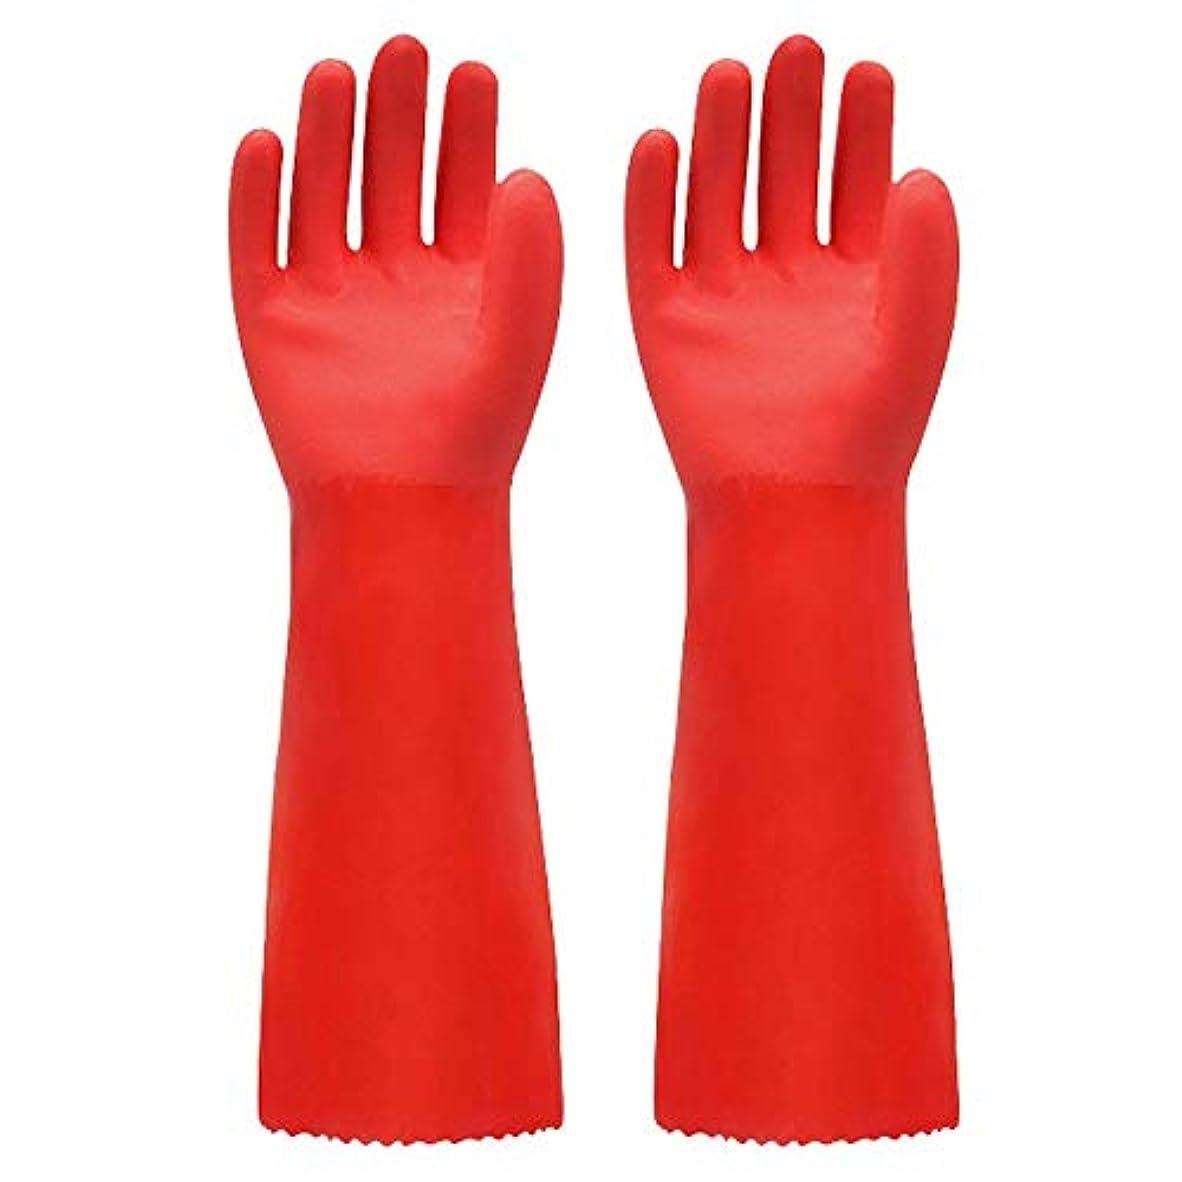 消費者三角セットするニトリルゴム手袋 ゴム手袋長く暖かいとビロードのゴム製防水と耐久性のある手袋、1ペア 使い捨て手袋 (Color : RED, Size : L)